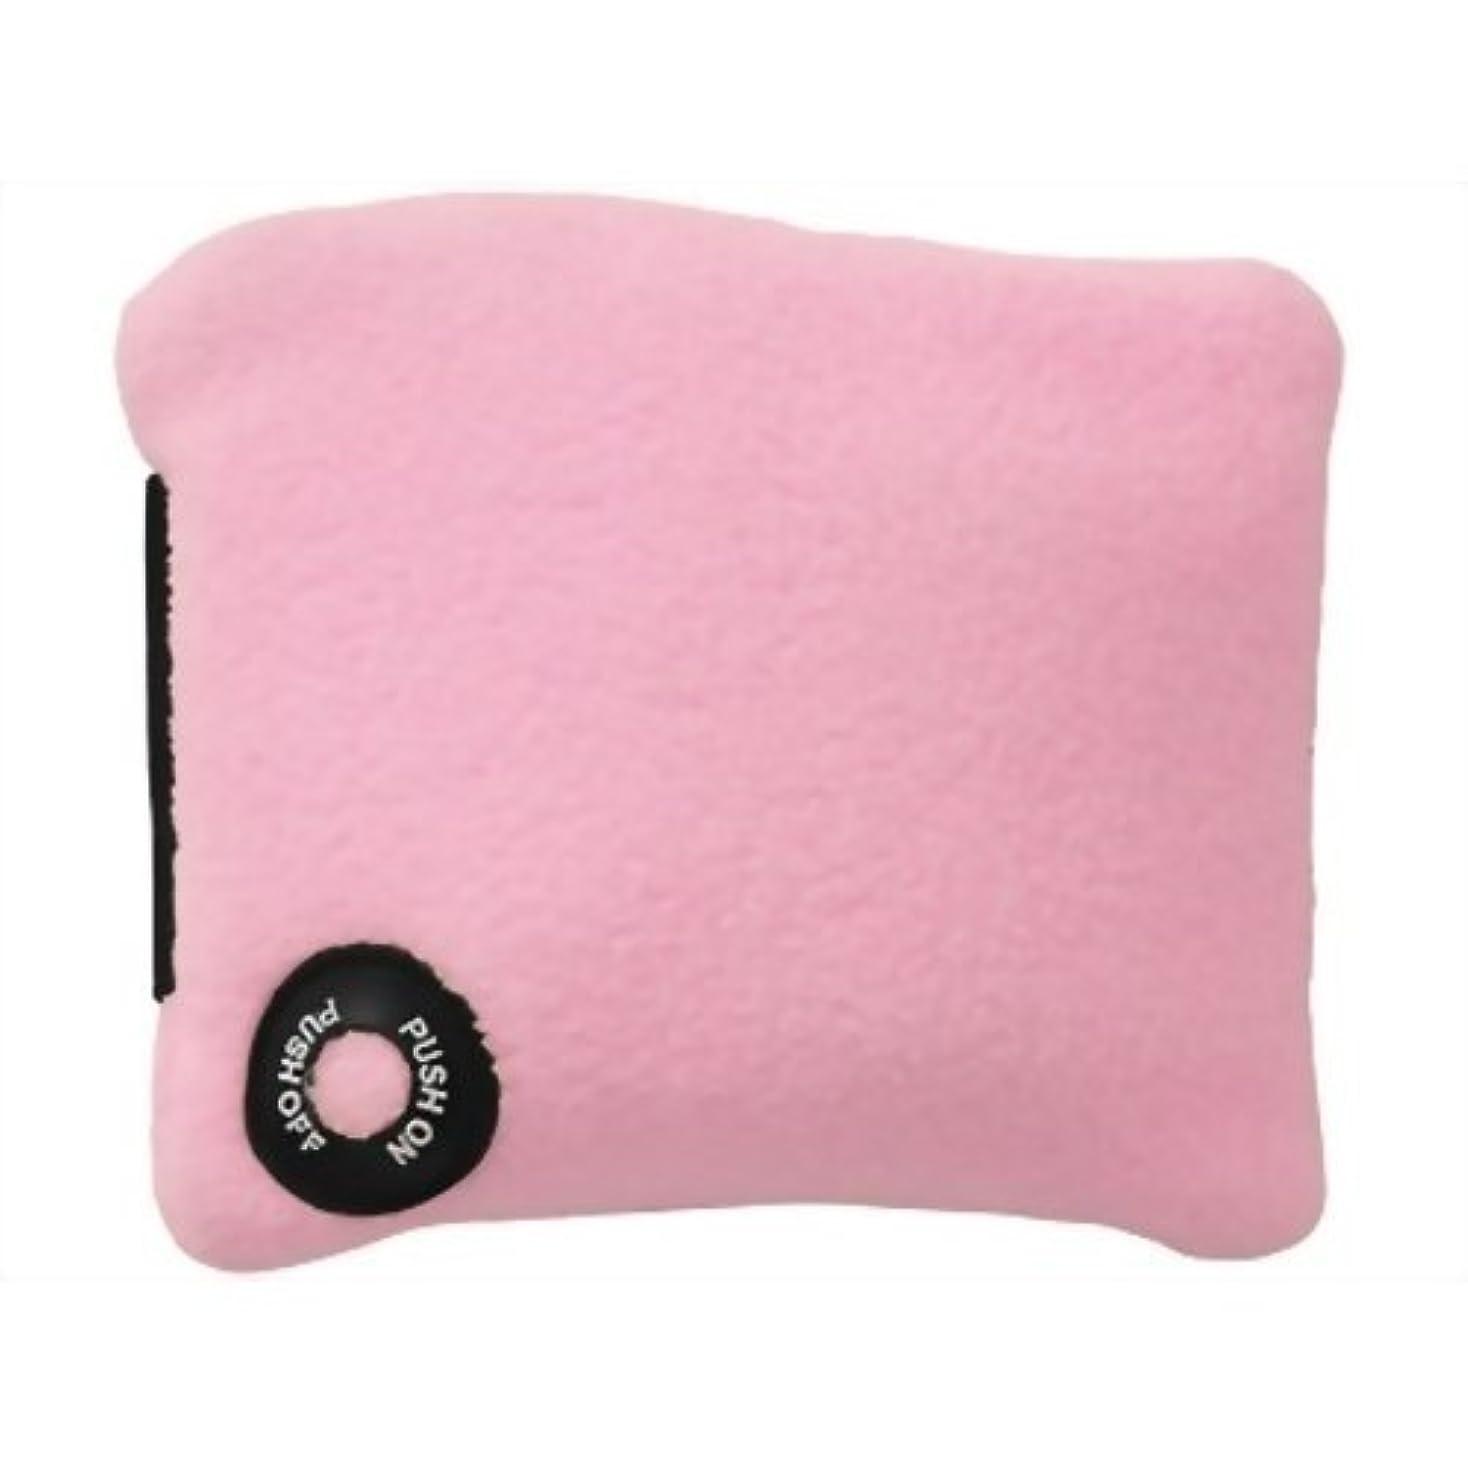 告白特別な時計ぶるる 足用 ピンク フリーサイズ